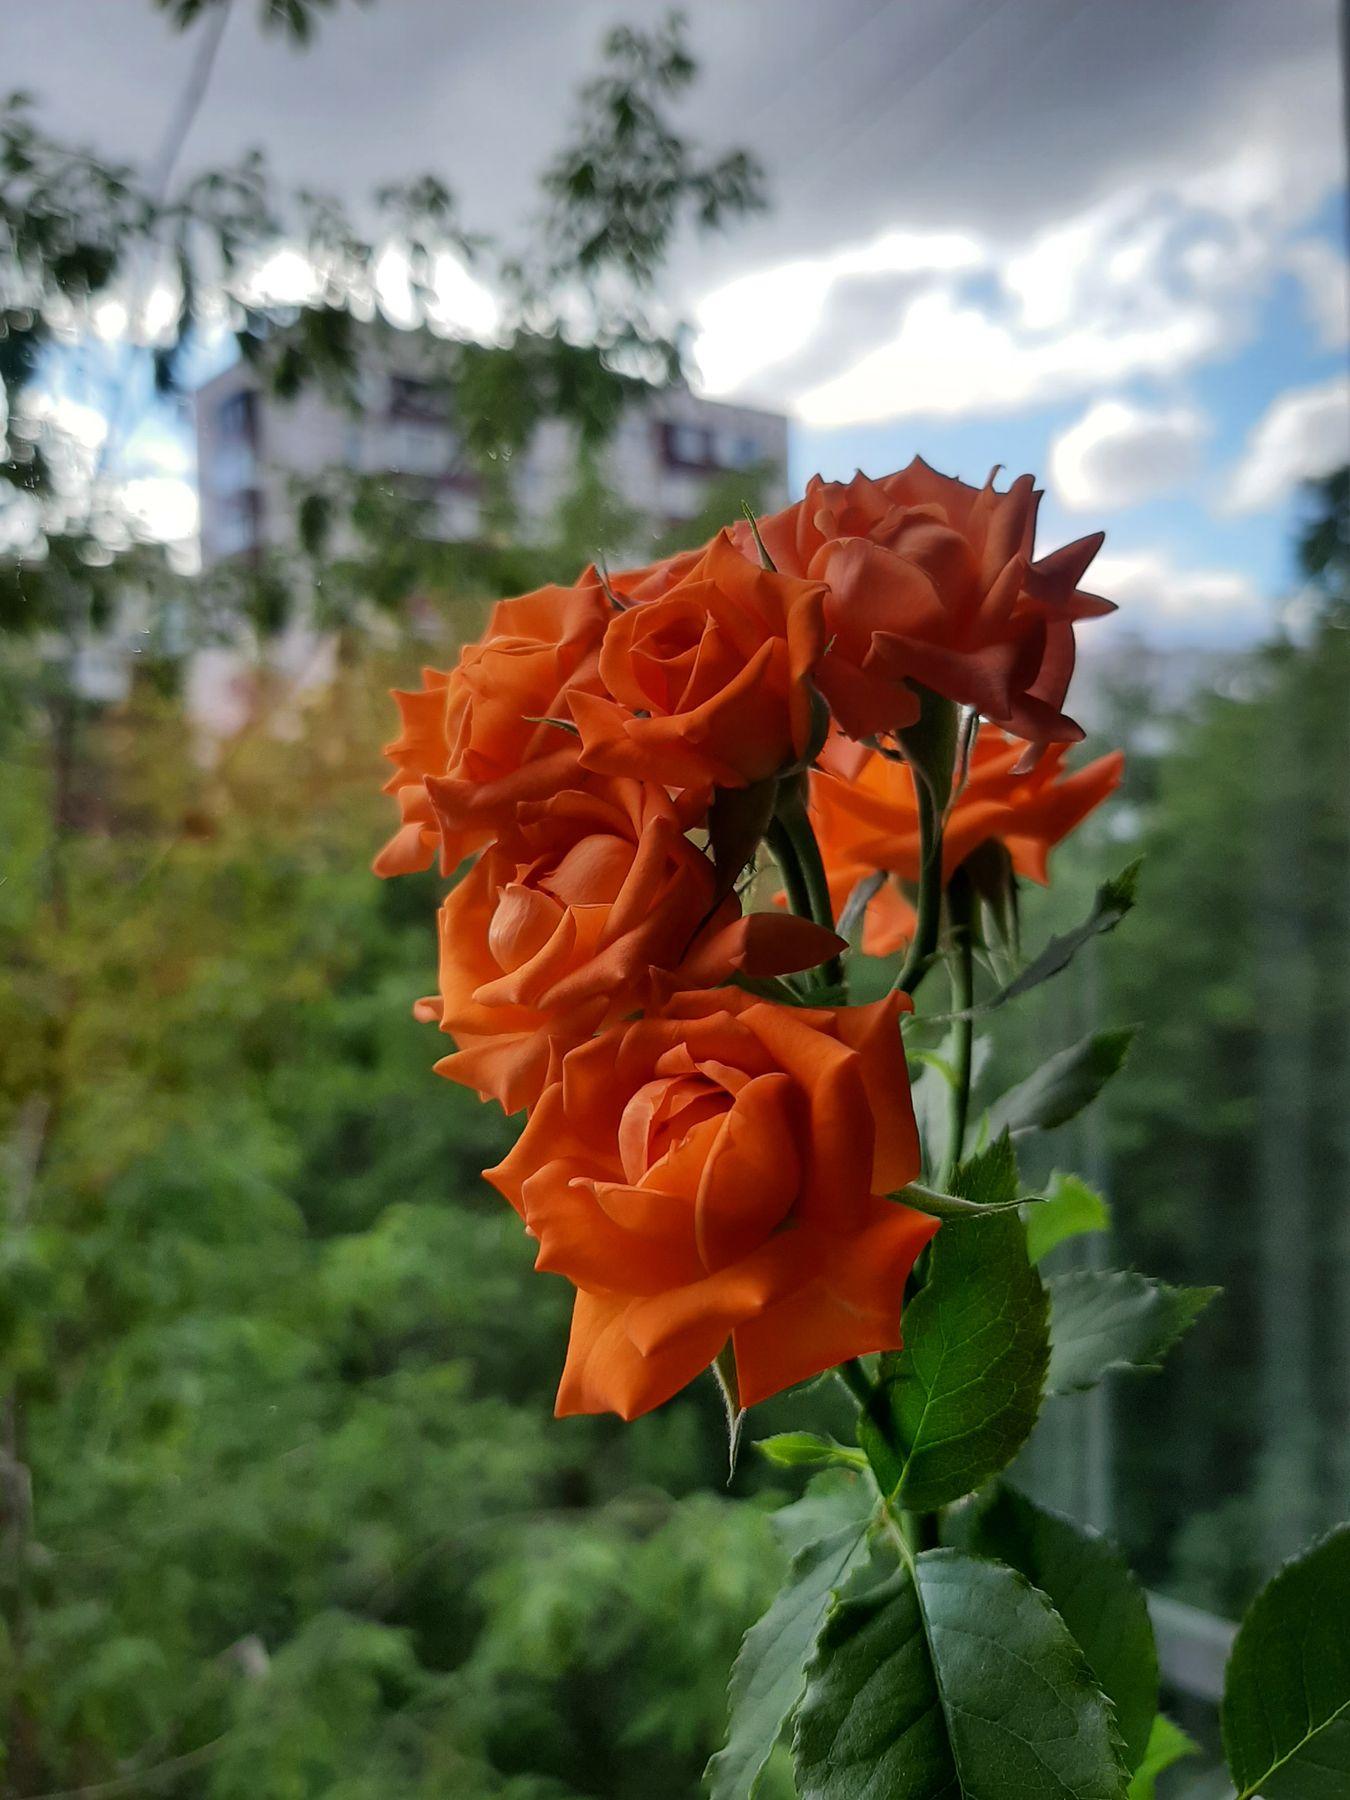 Моя красавица роза) На одной ветке семь бутонов)